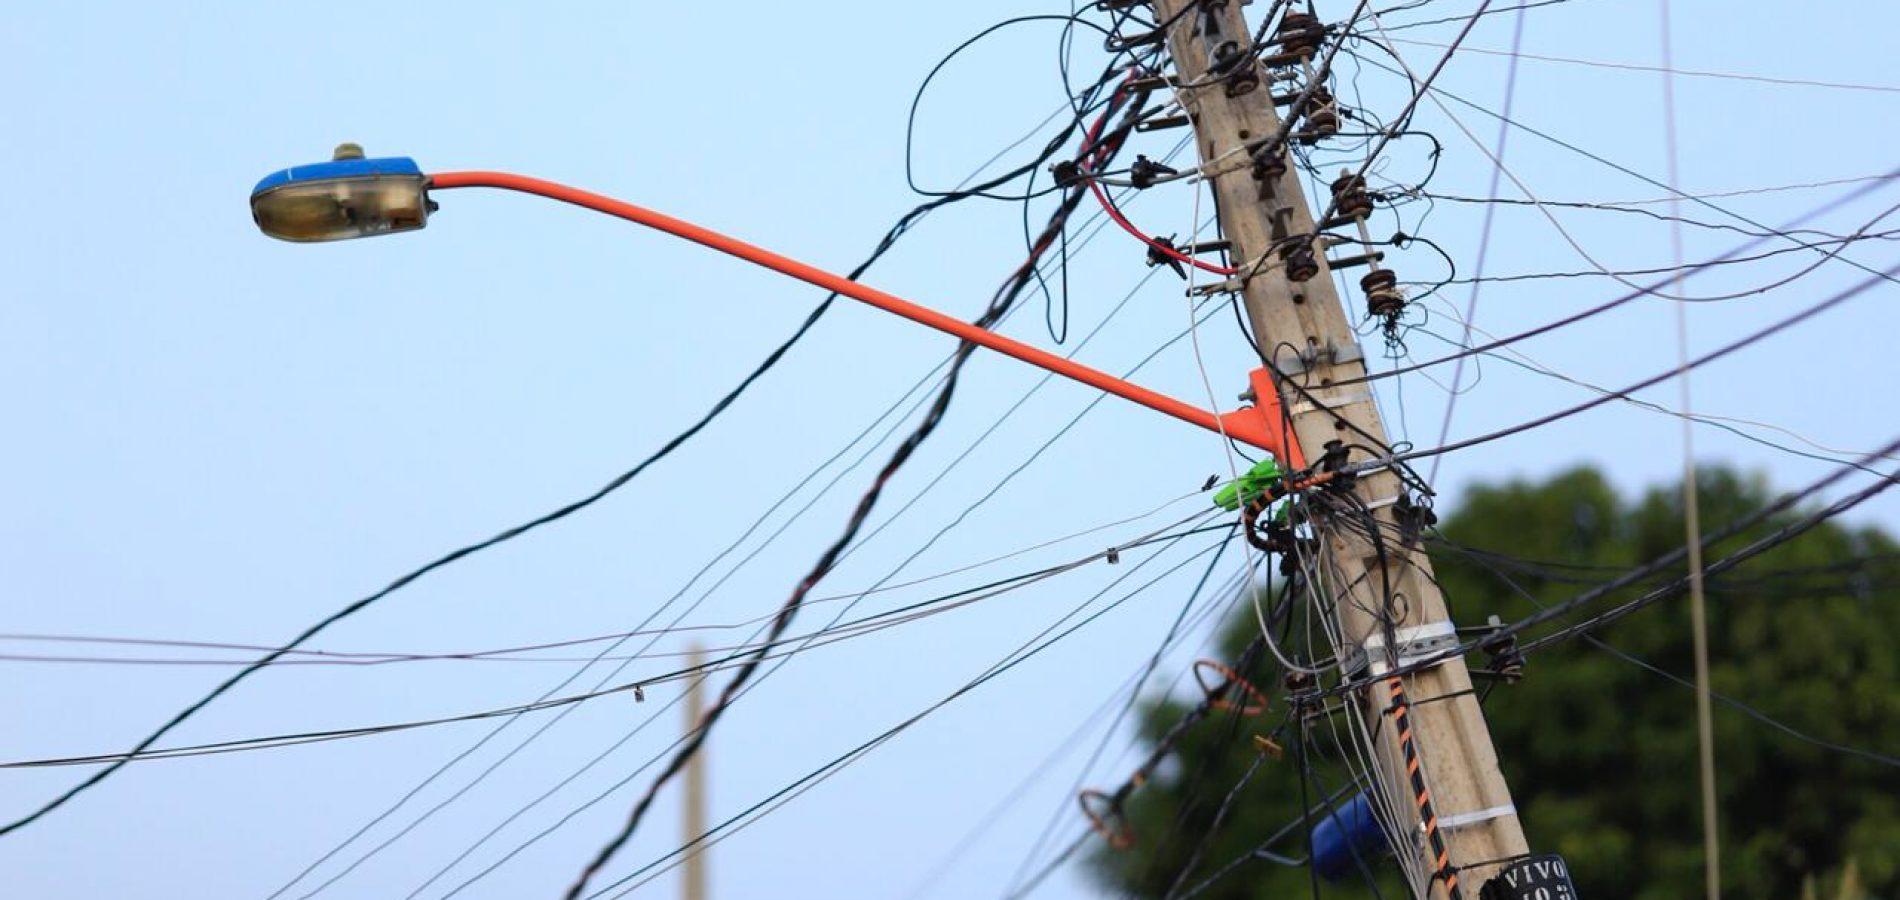 Três municípios do Piauí vão ficar sem energia elétrica nesta quinta